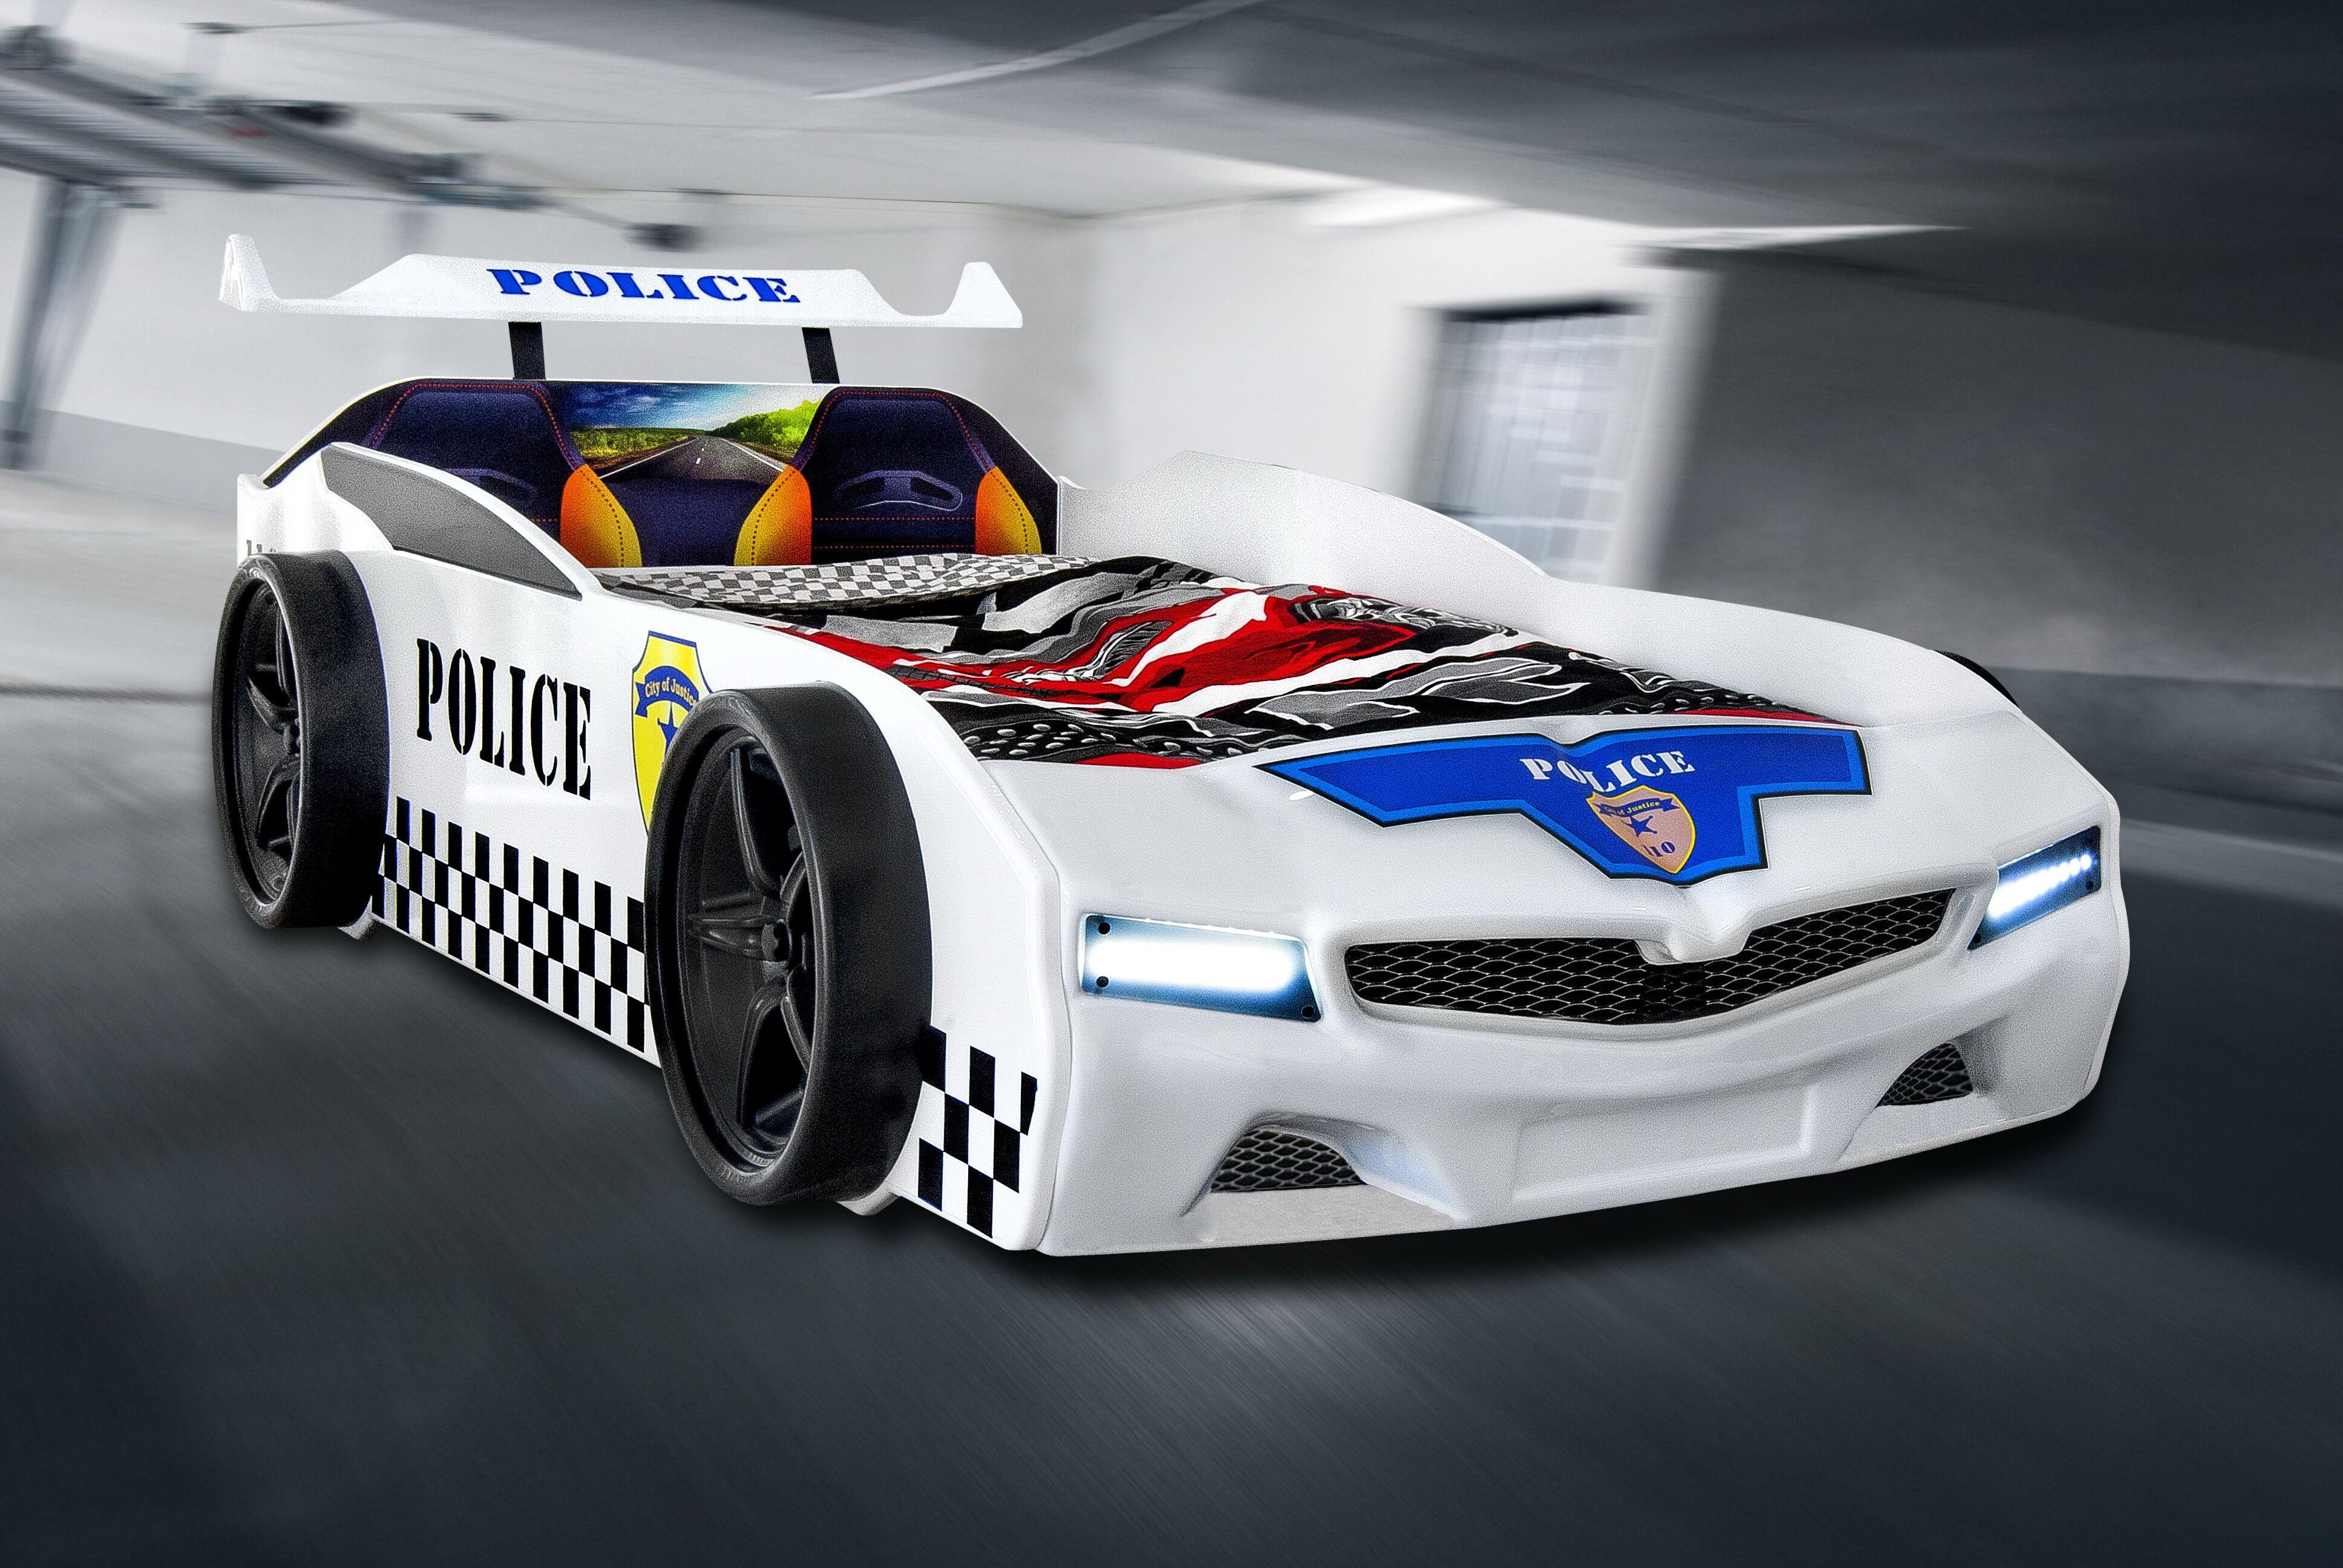 Autobett Police Polizei Kinderbett in weiß mit LED und ...